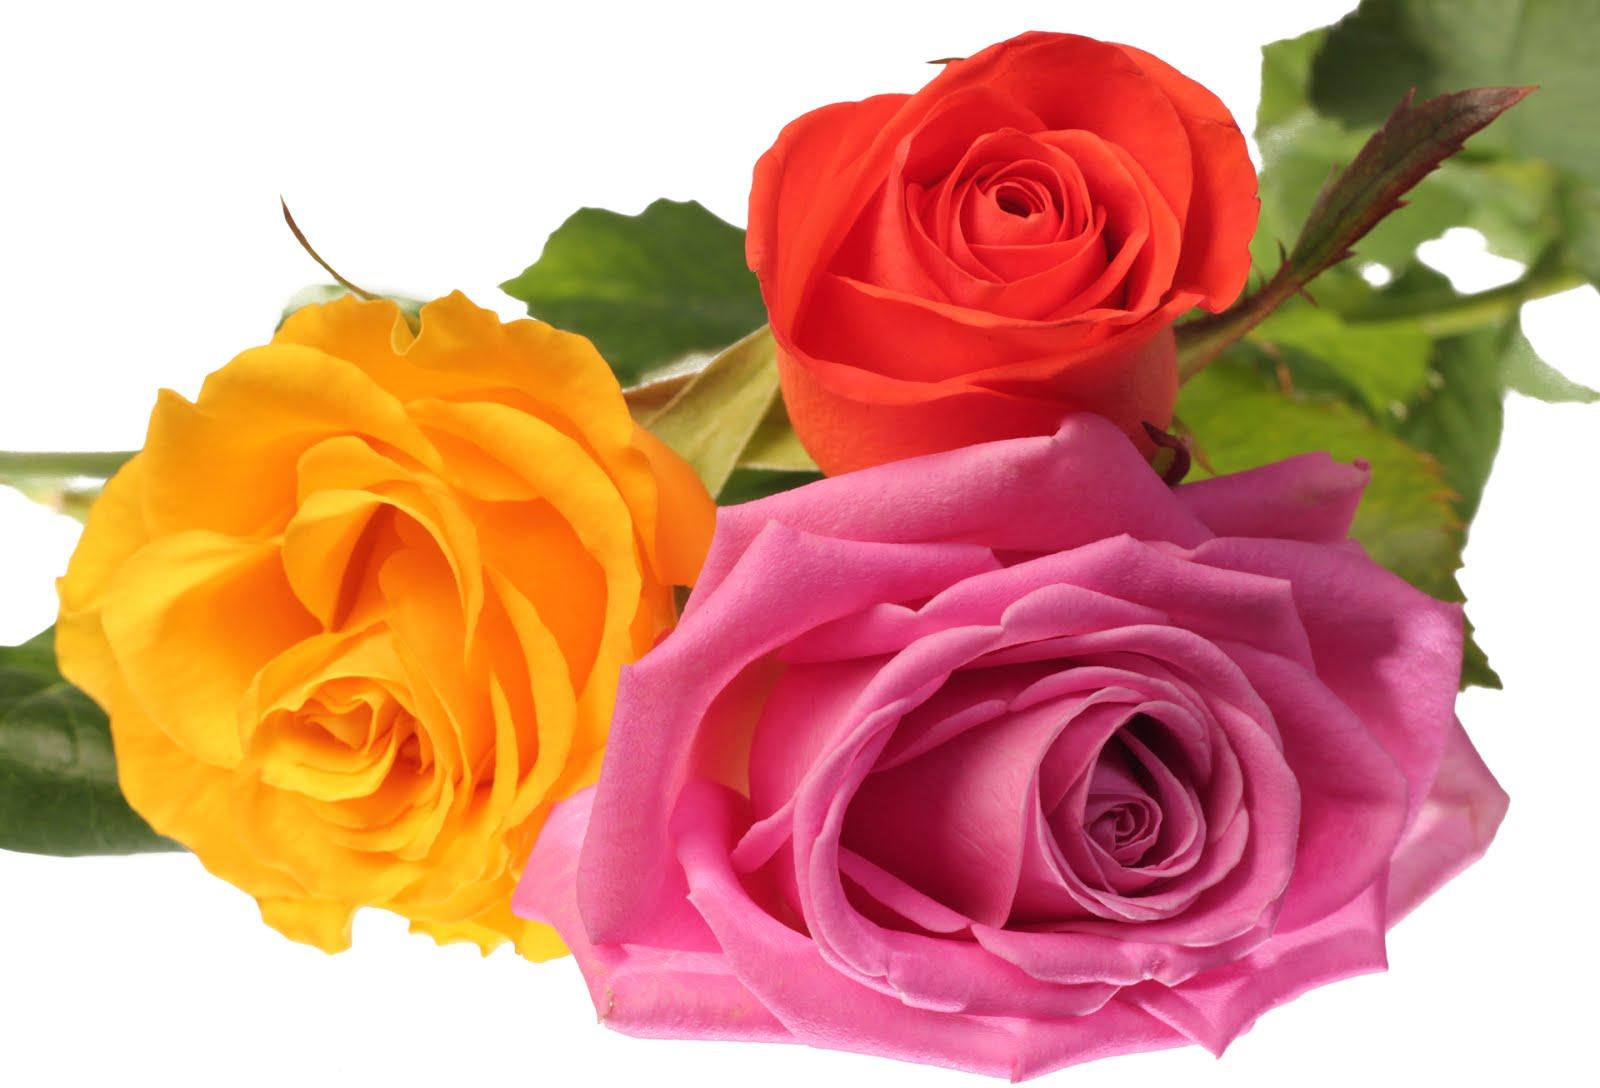 BANCO DE IMÁGENES: Rosas de colores para el 14 de febrero - San Valentín